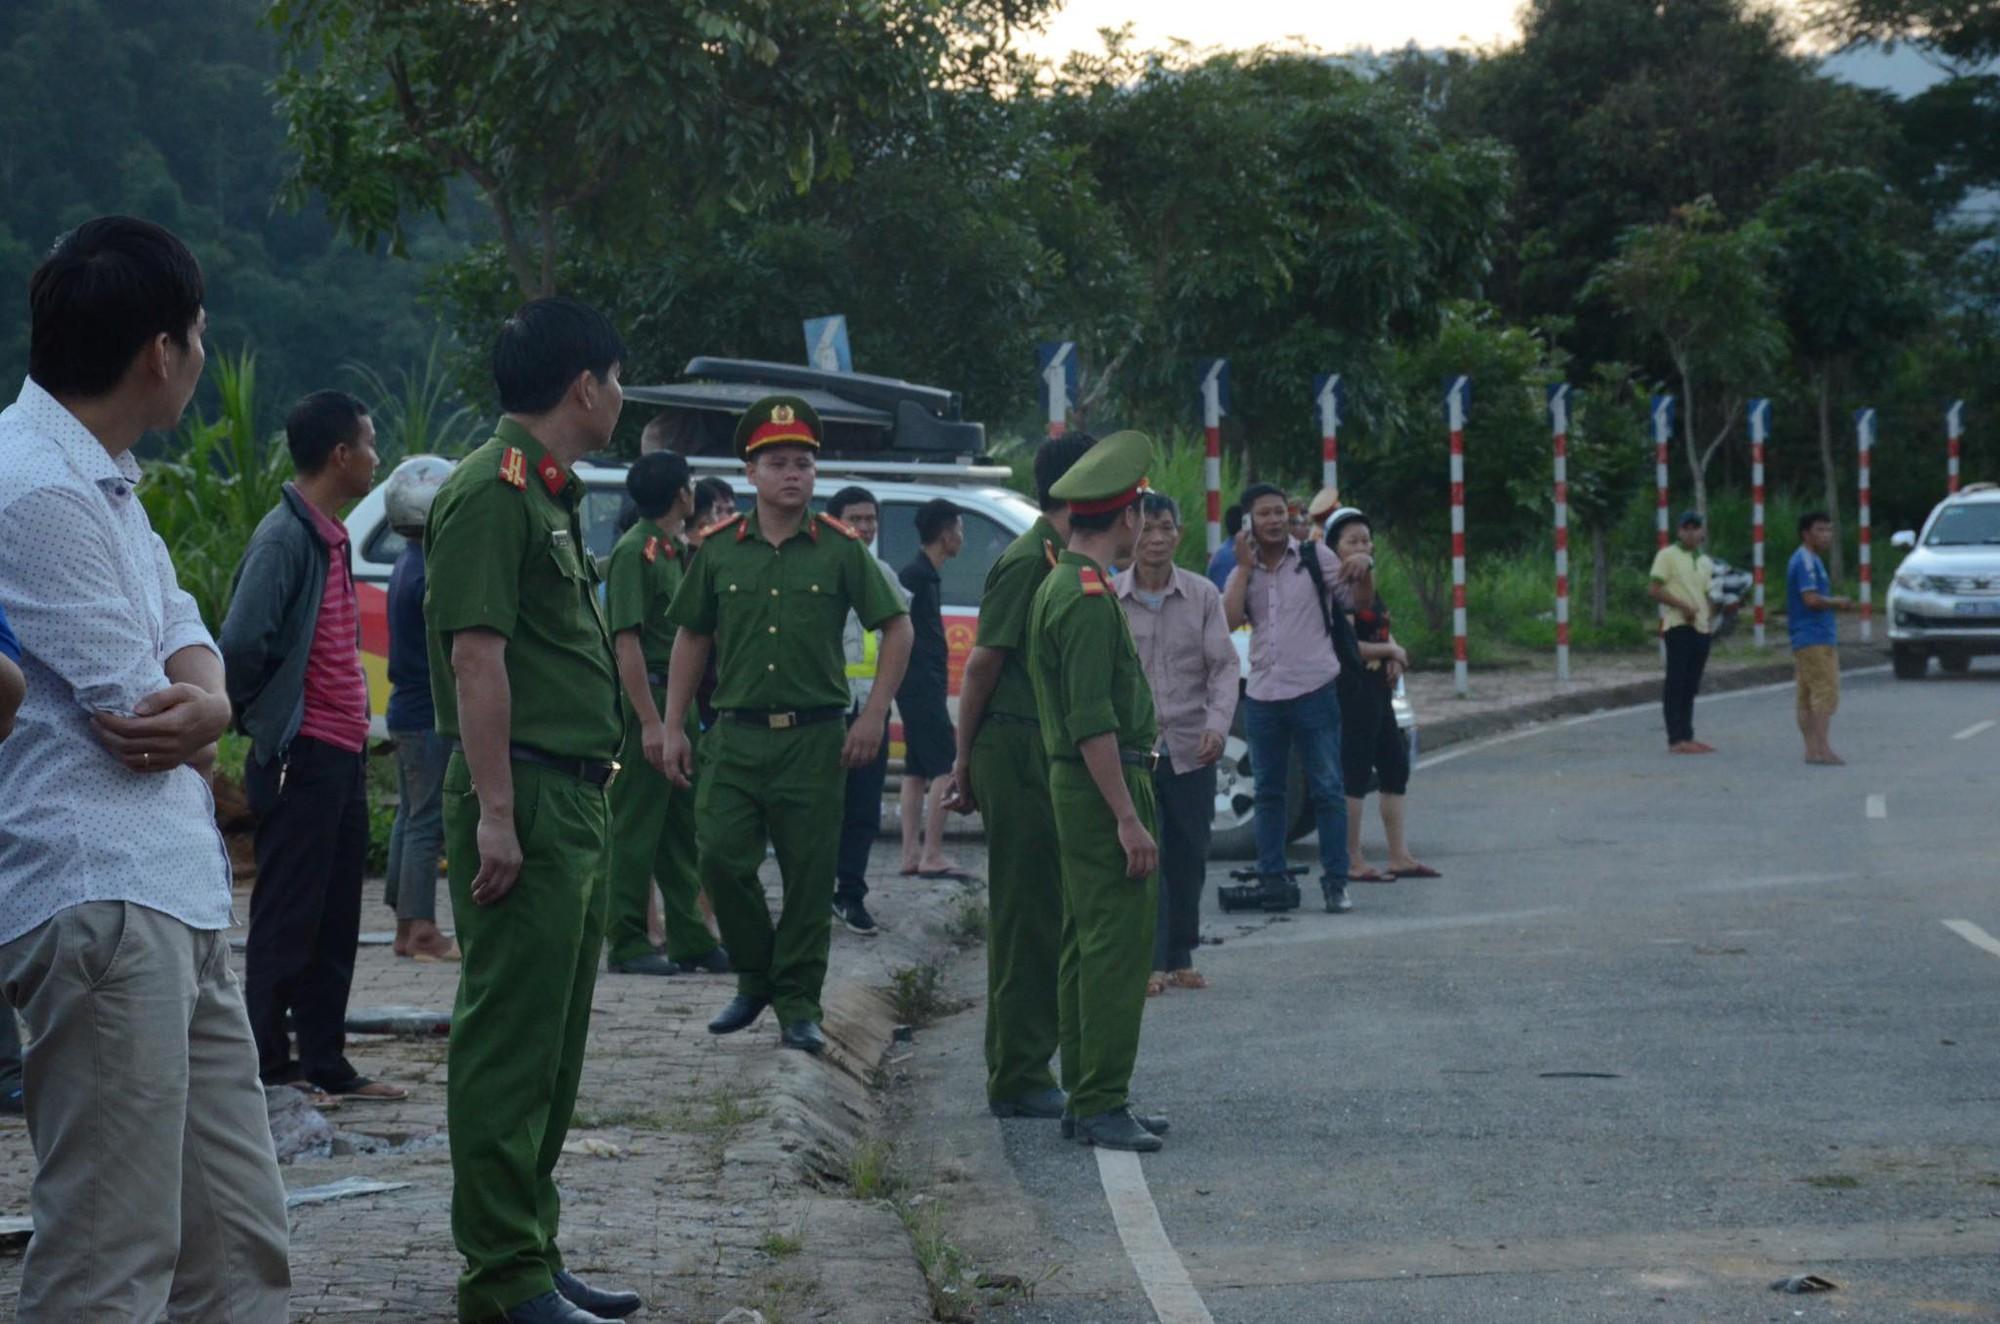 Nhân chứng kể lại vụ tai nạn 13 người chết ở Lai Châu: Trước khi gặp nạn, xe bồn bấm còi liên tục, tài xế mở cửa hét lớn - Ảnh 3.